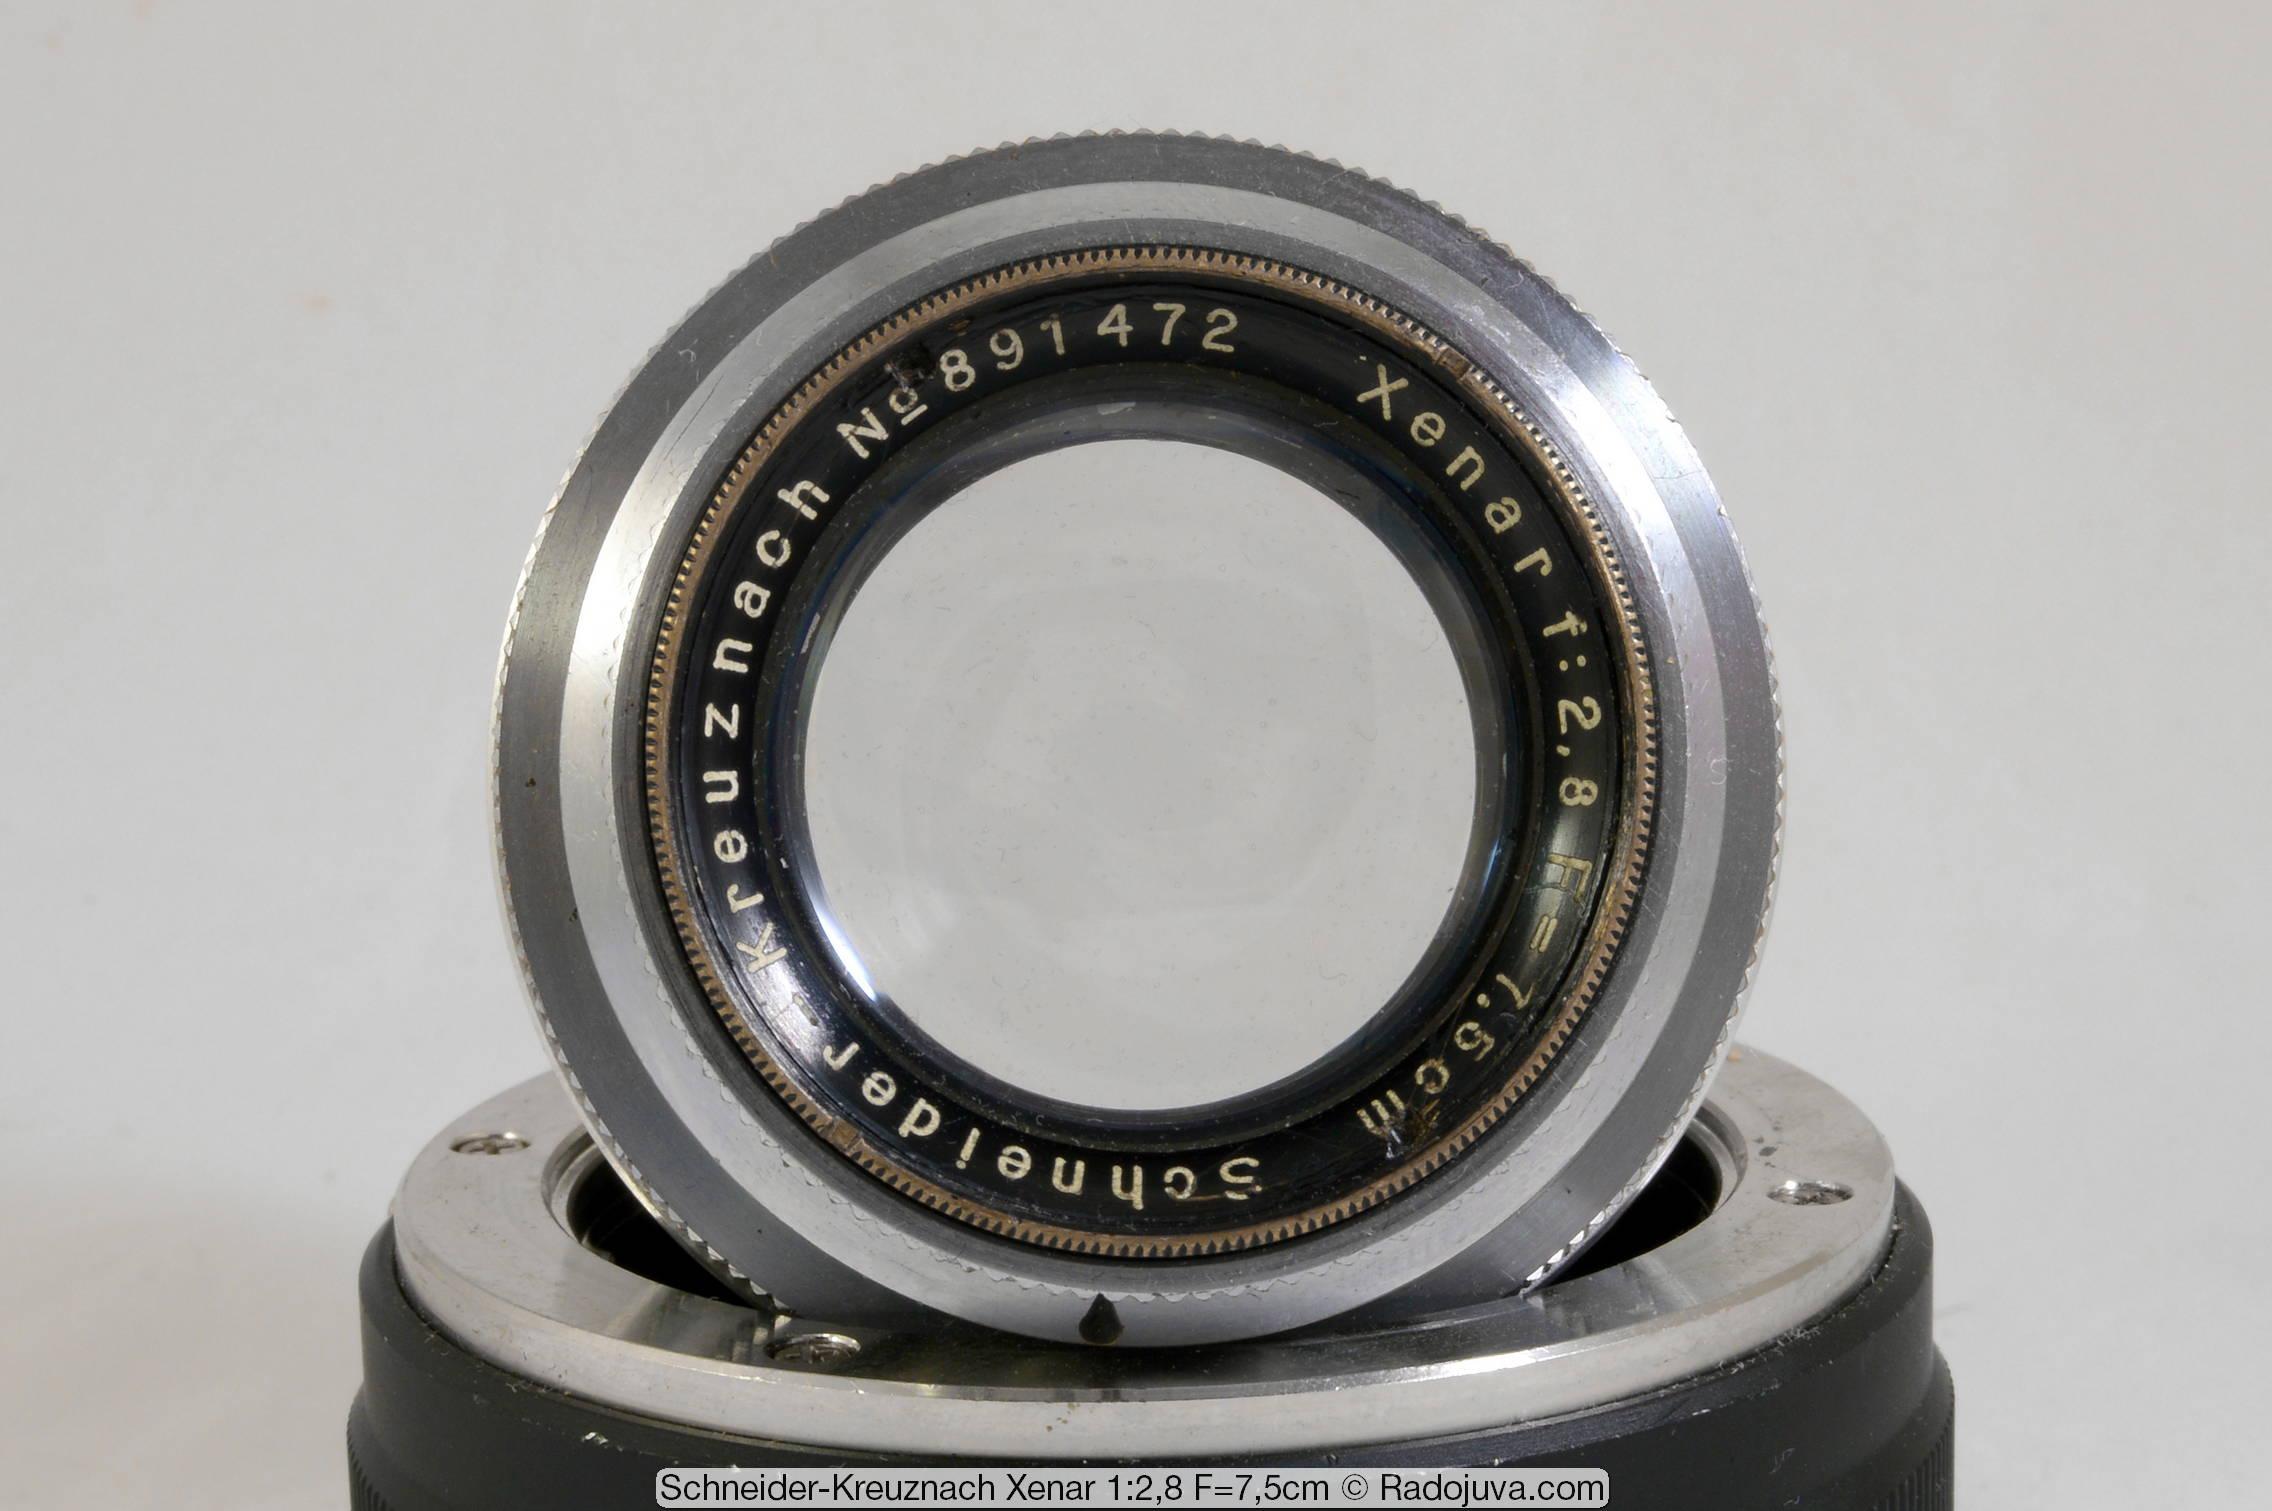 Schneider-Kreuznach xenar 1:2,8 F=7,5cm